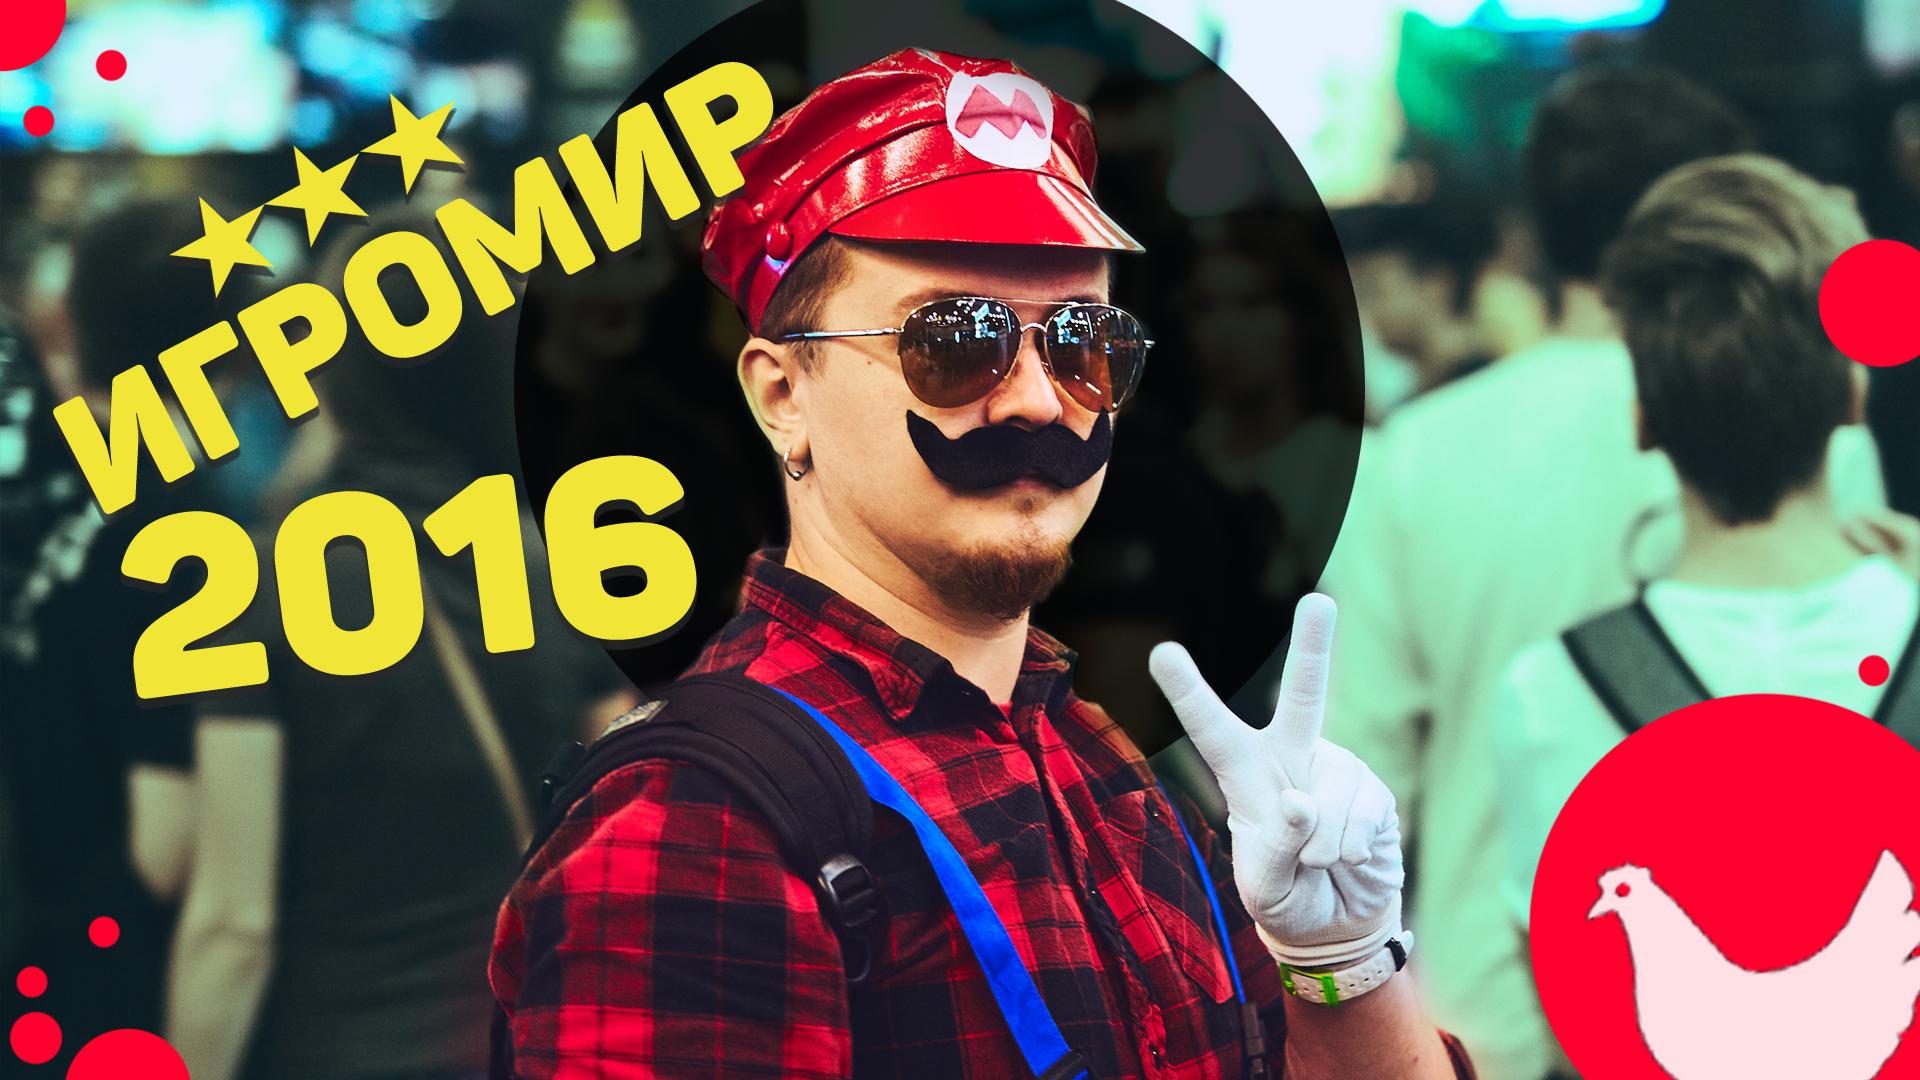 Photo of ИгроМир 2016 игромир 2016 ИгроМир 2016                co co 1